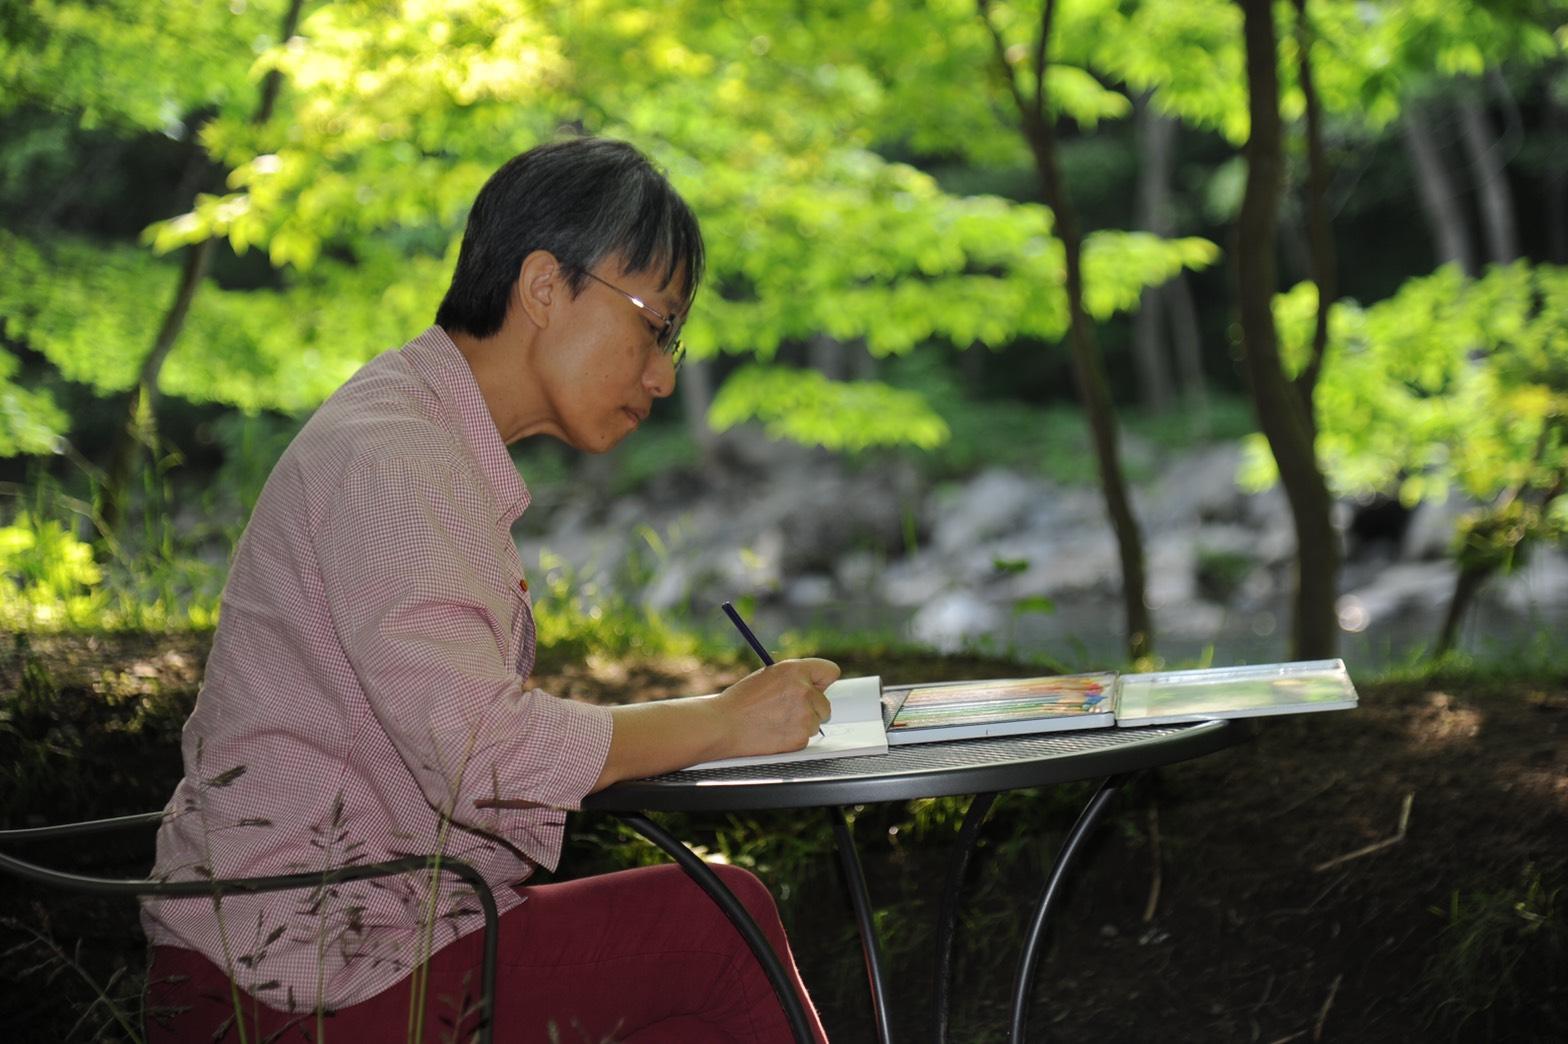 說溫馨故事的兒童文學作家 蔡聖華